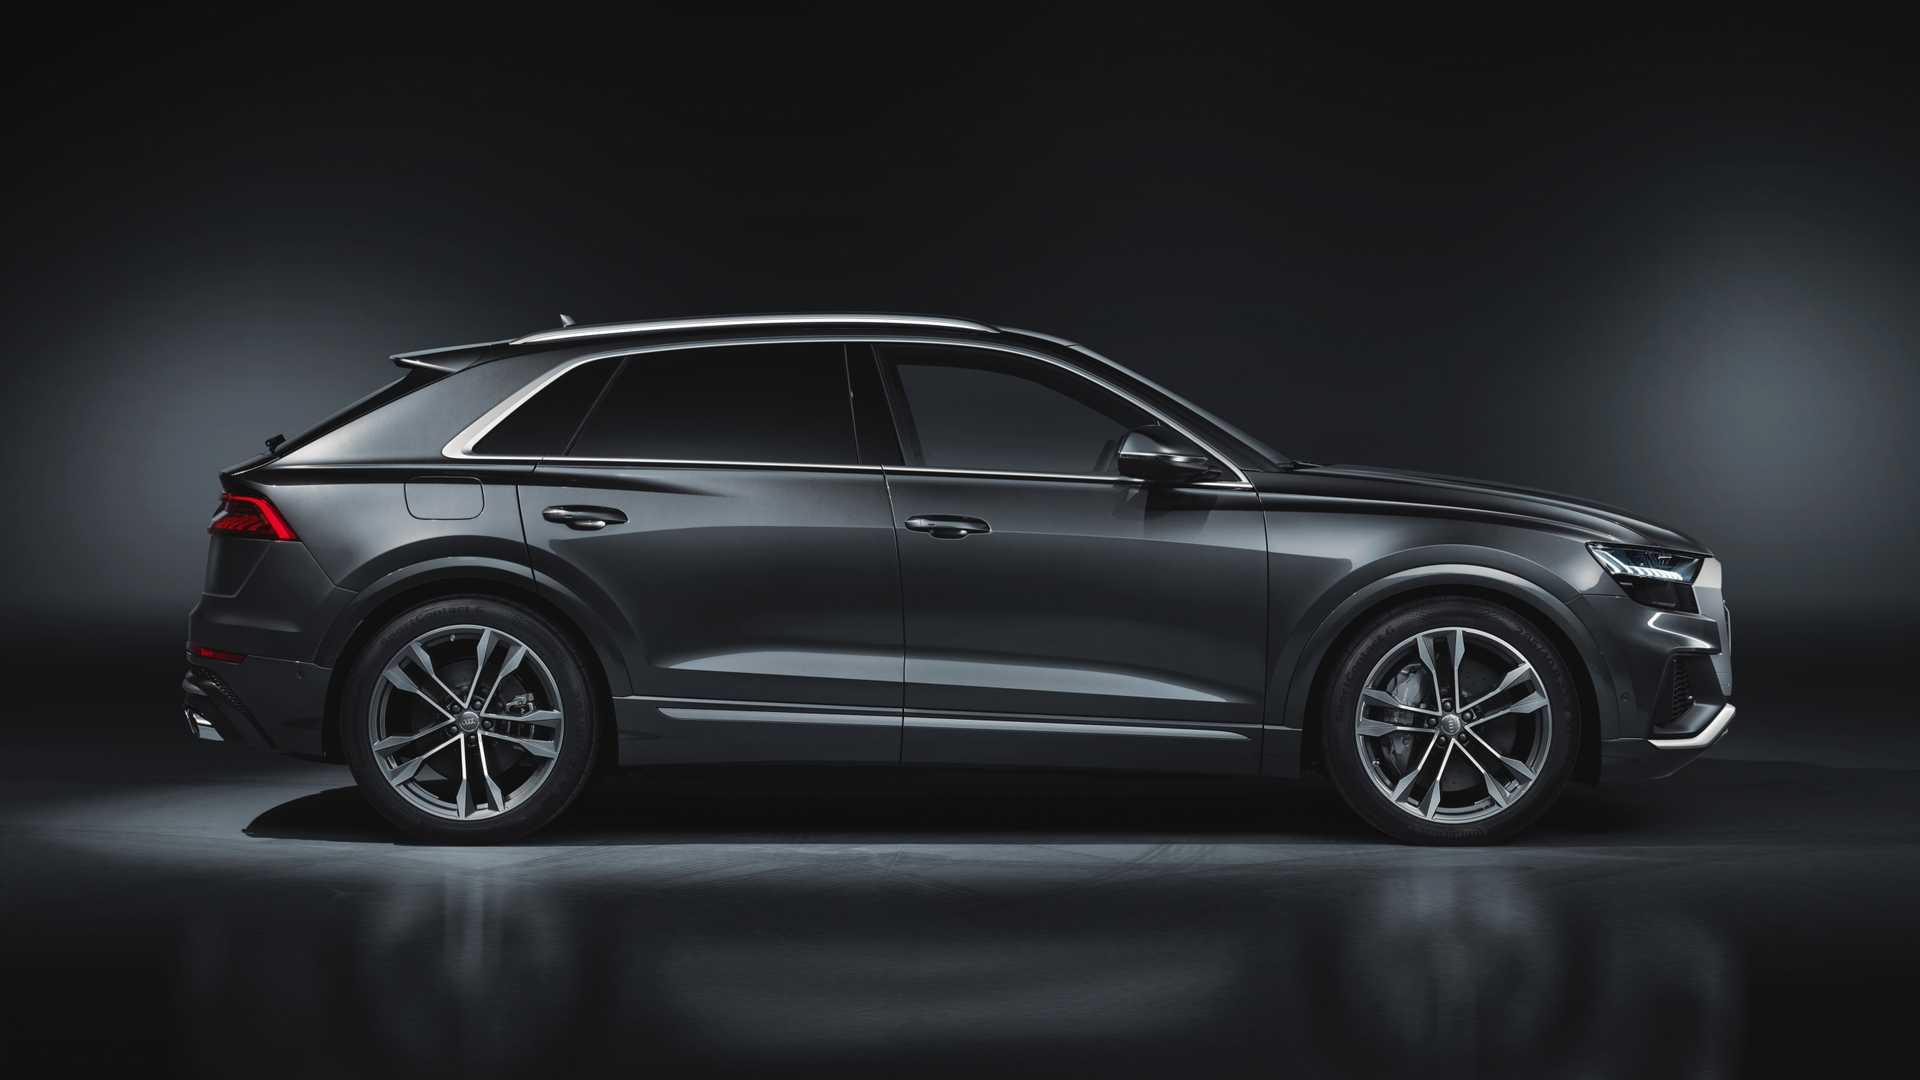 Audi Sq8 Tdi 2020 6